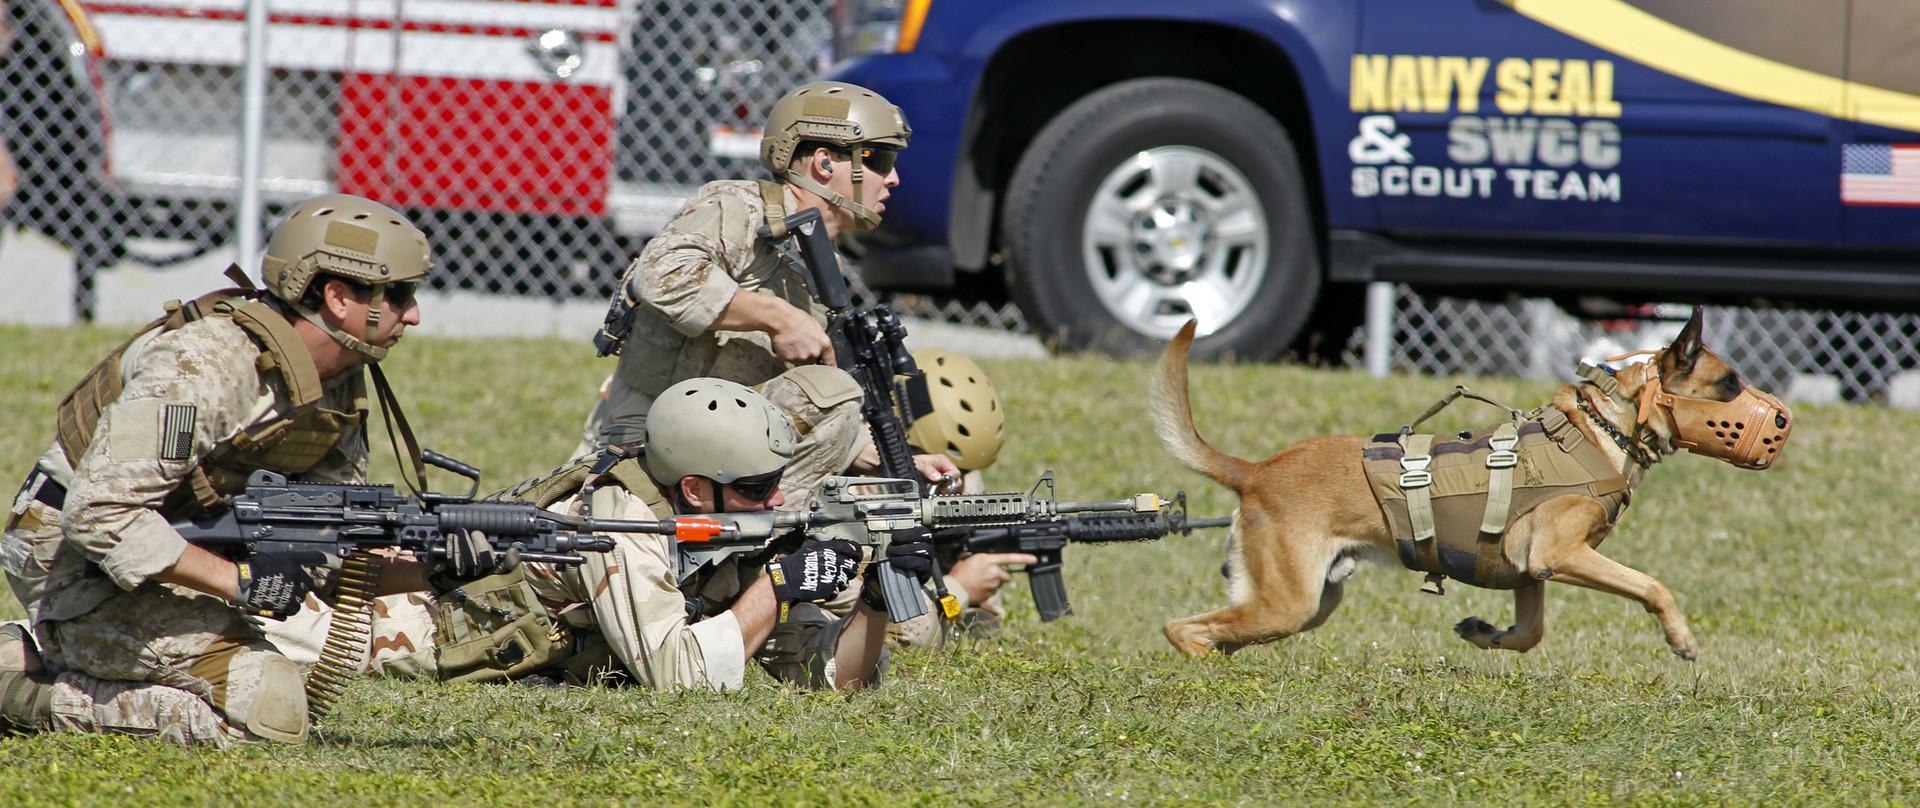 Das Töten optimieren: US-Spezialeinheiten testen Neurostimulation für bessere Kampffähigkeiten